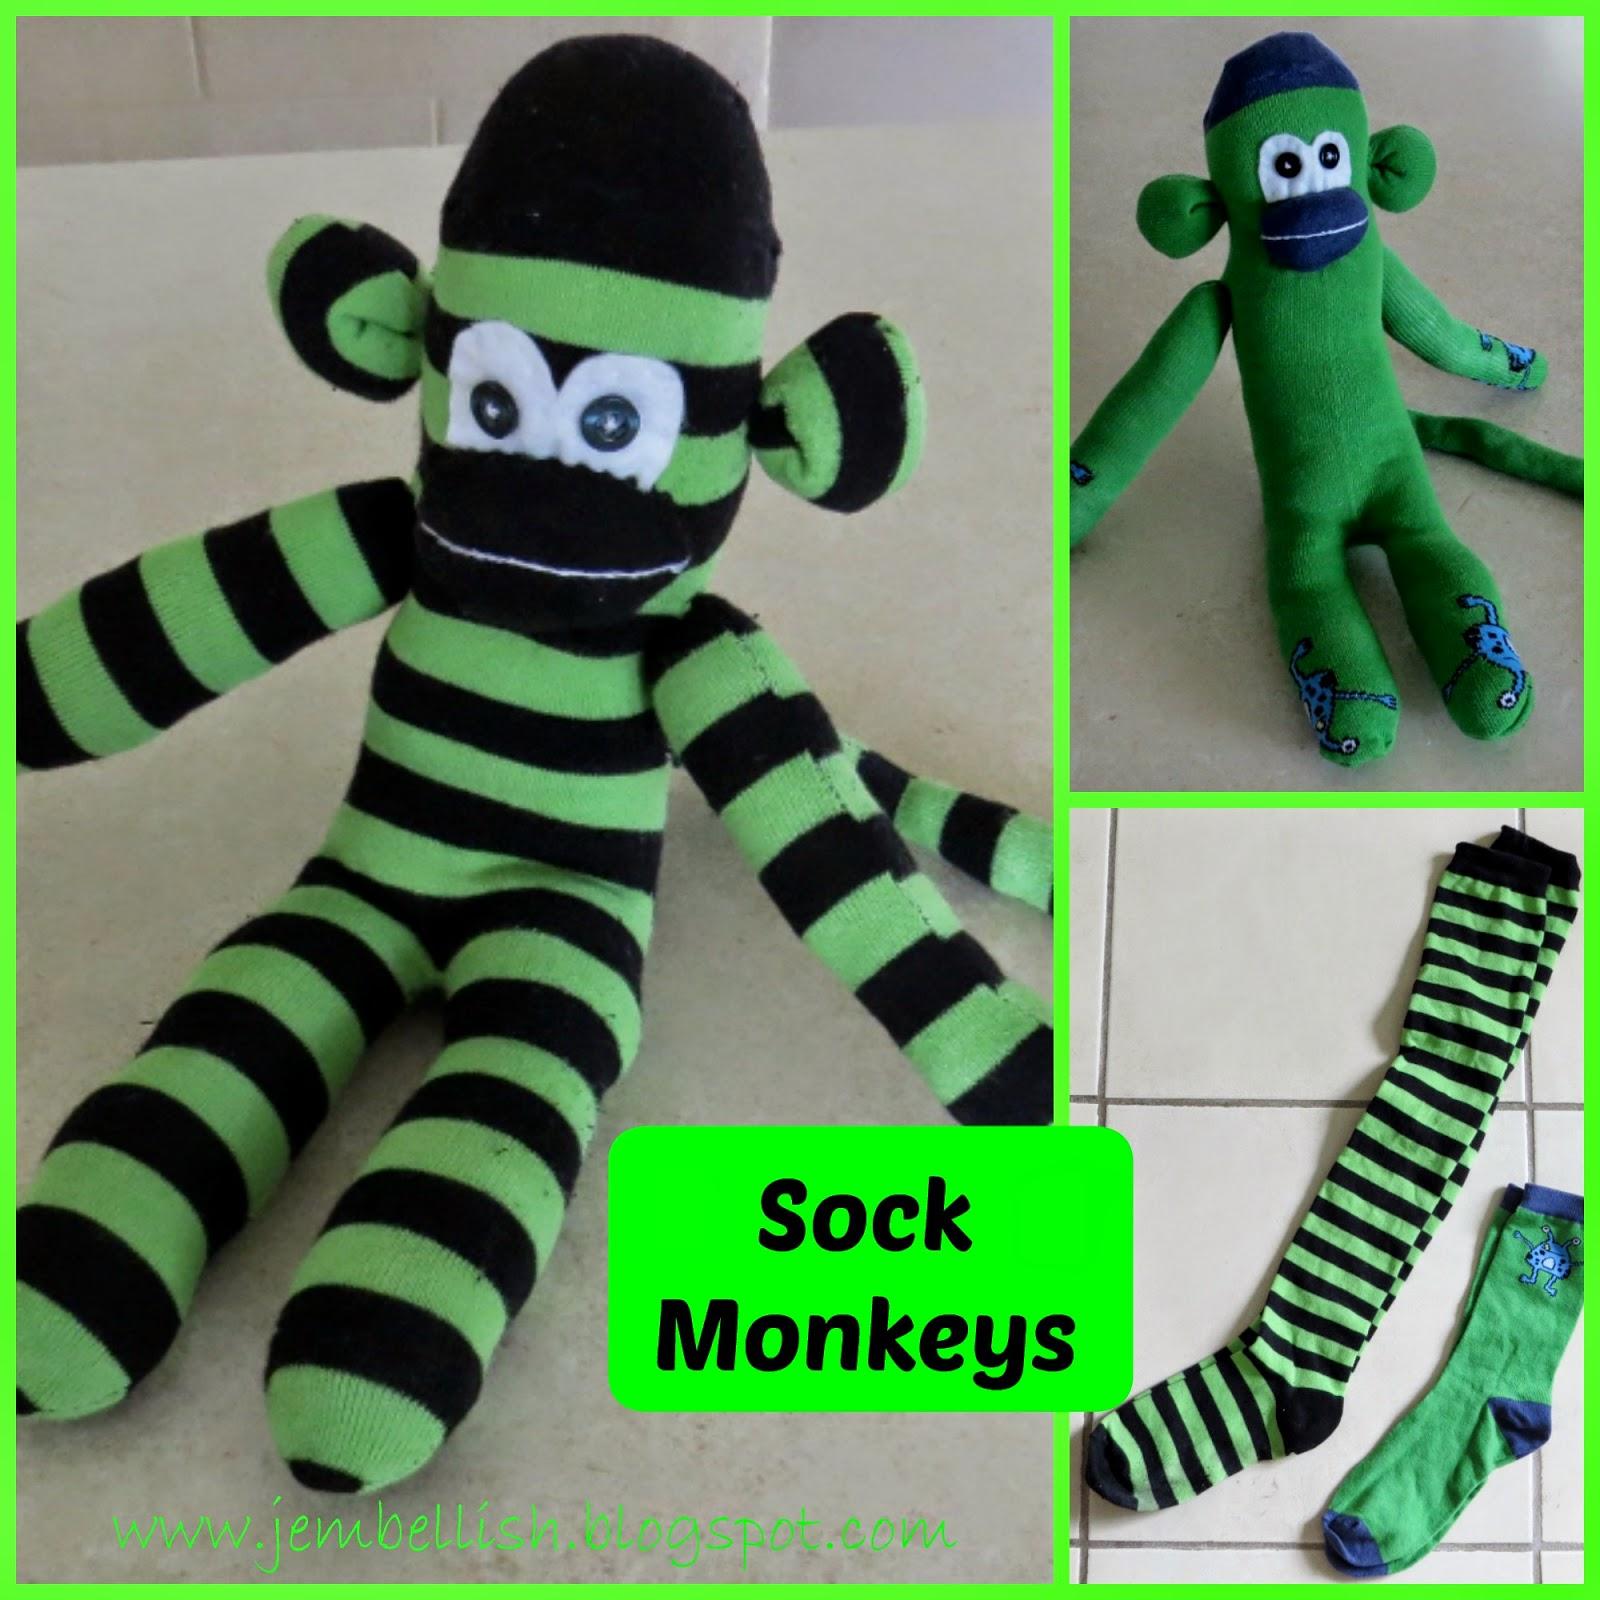 More Sock Monkeys